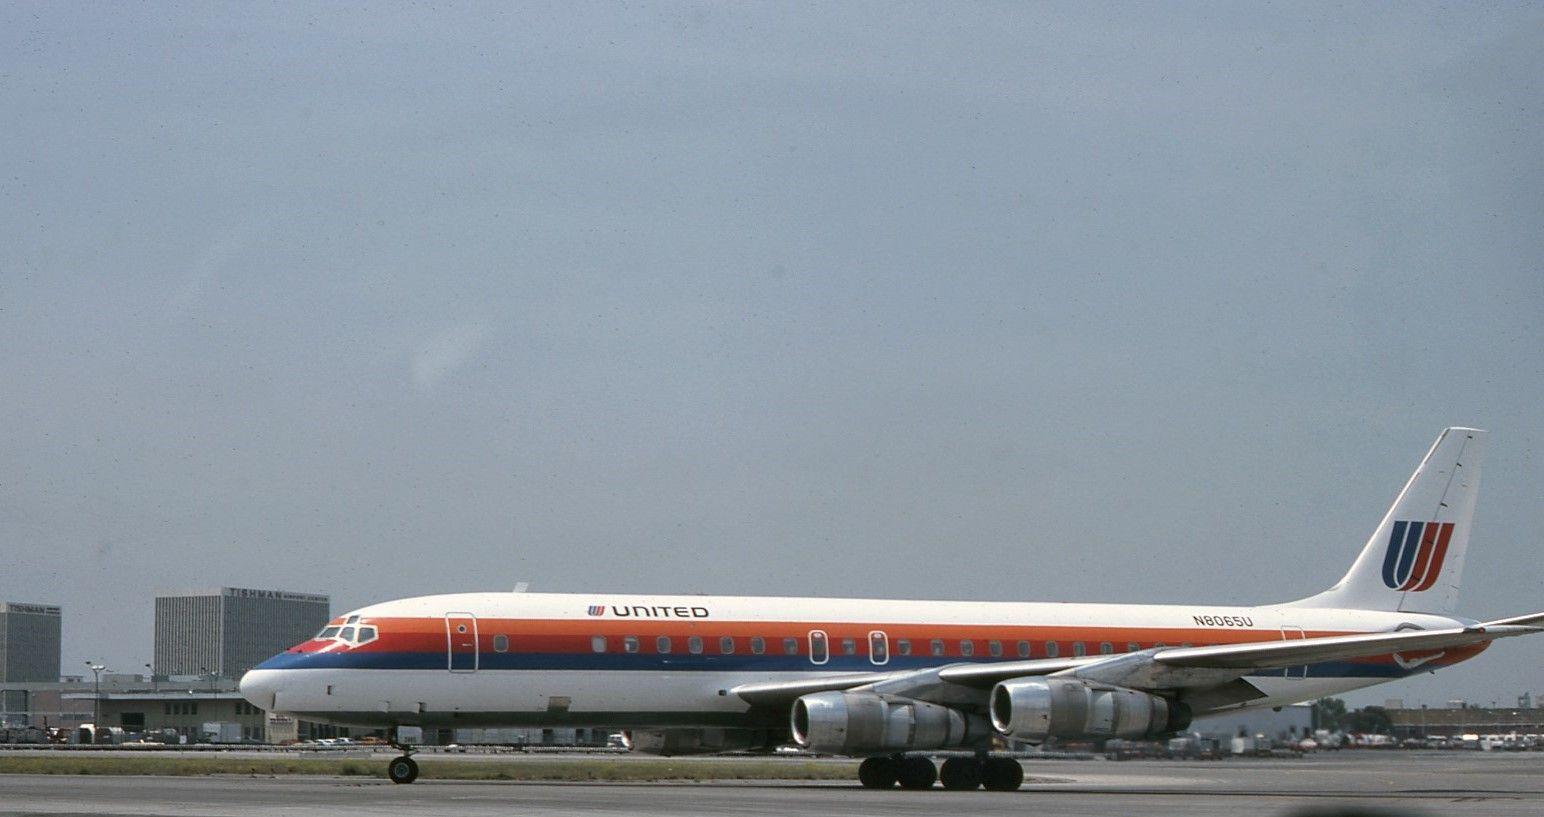 United Airlines DC8 United airlines, United air, Air photo